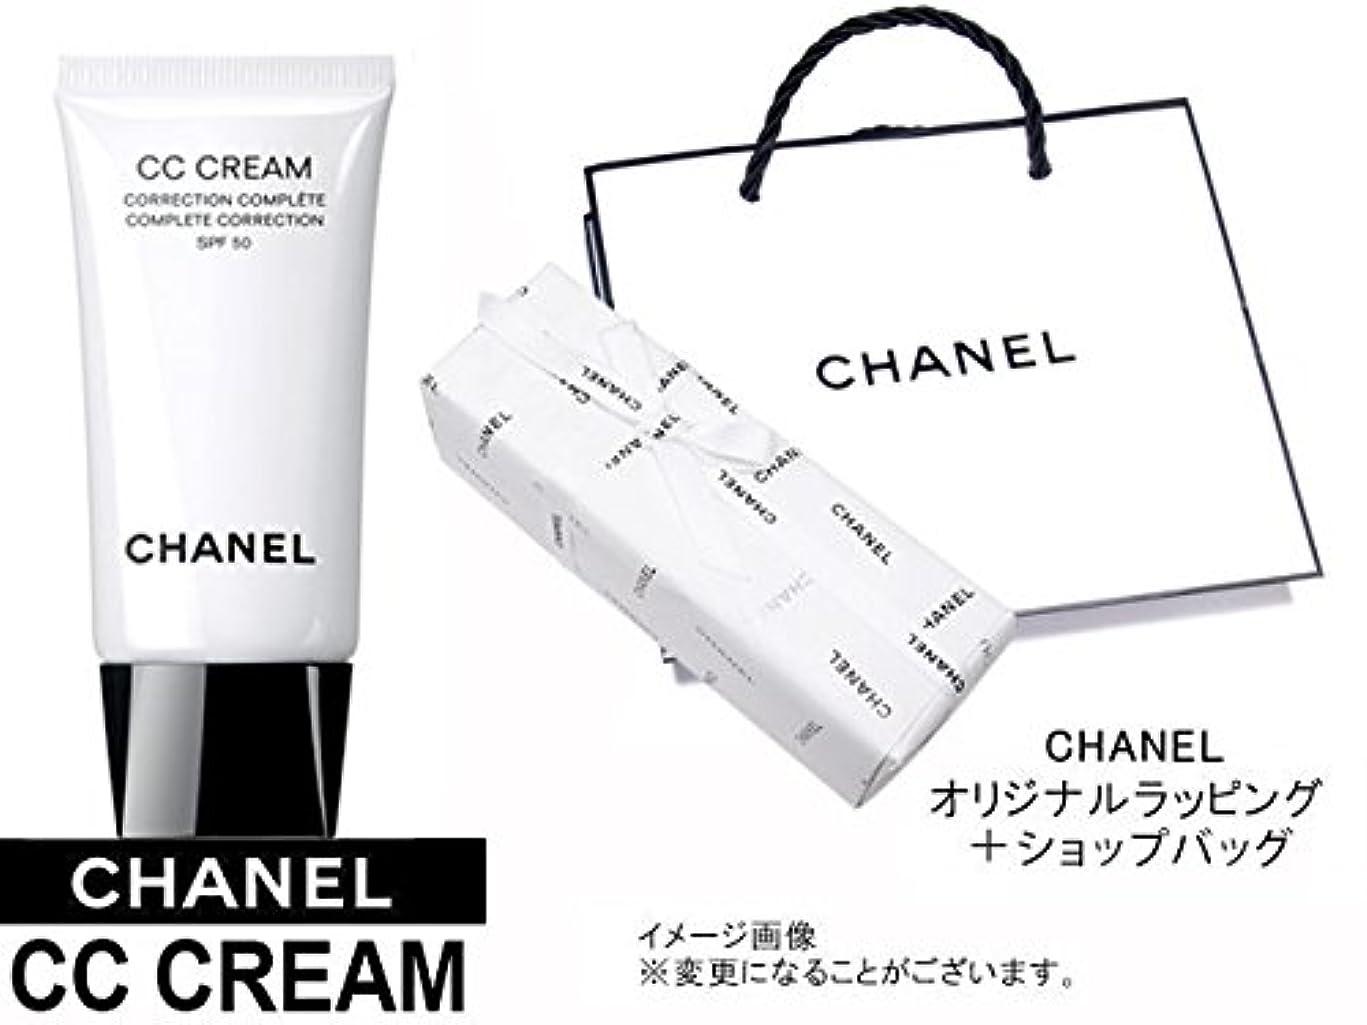 準備した主婦ファイバCHANEL CC CREAM シャネル CCクリーム SPF50?PA+++ 30ml オリジナルラッピング+ショップバッグ (並行輸入)